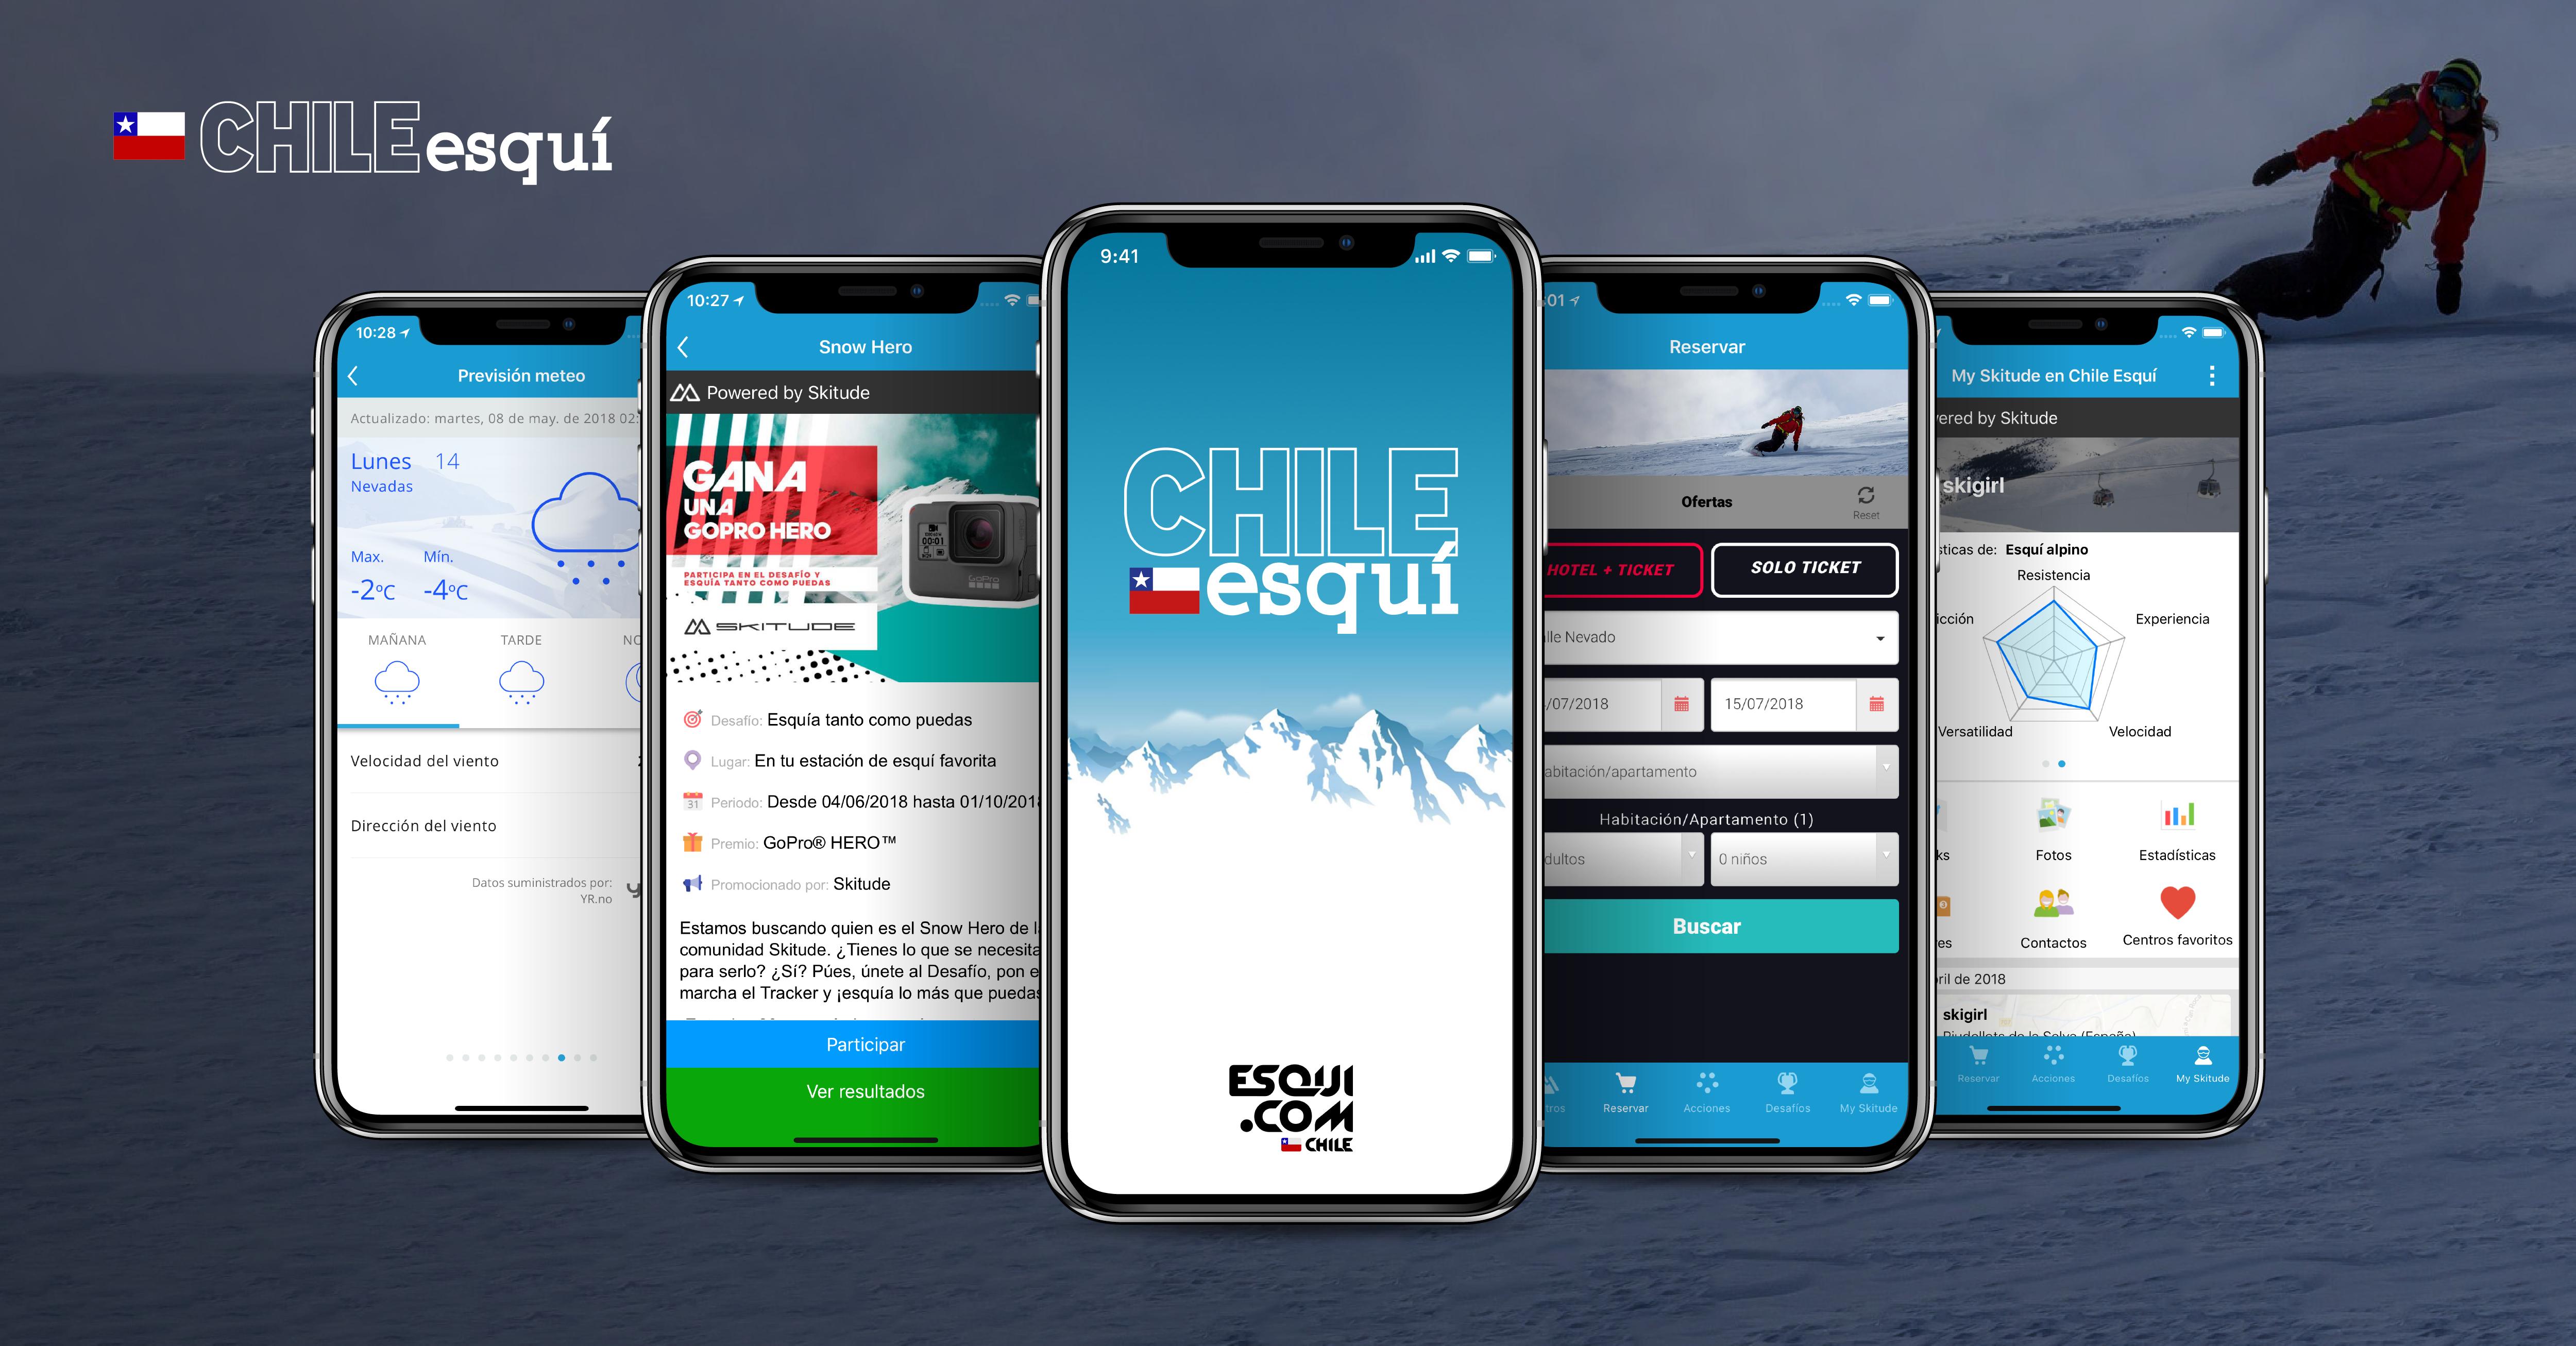 Esqui.com Chile